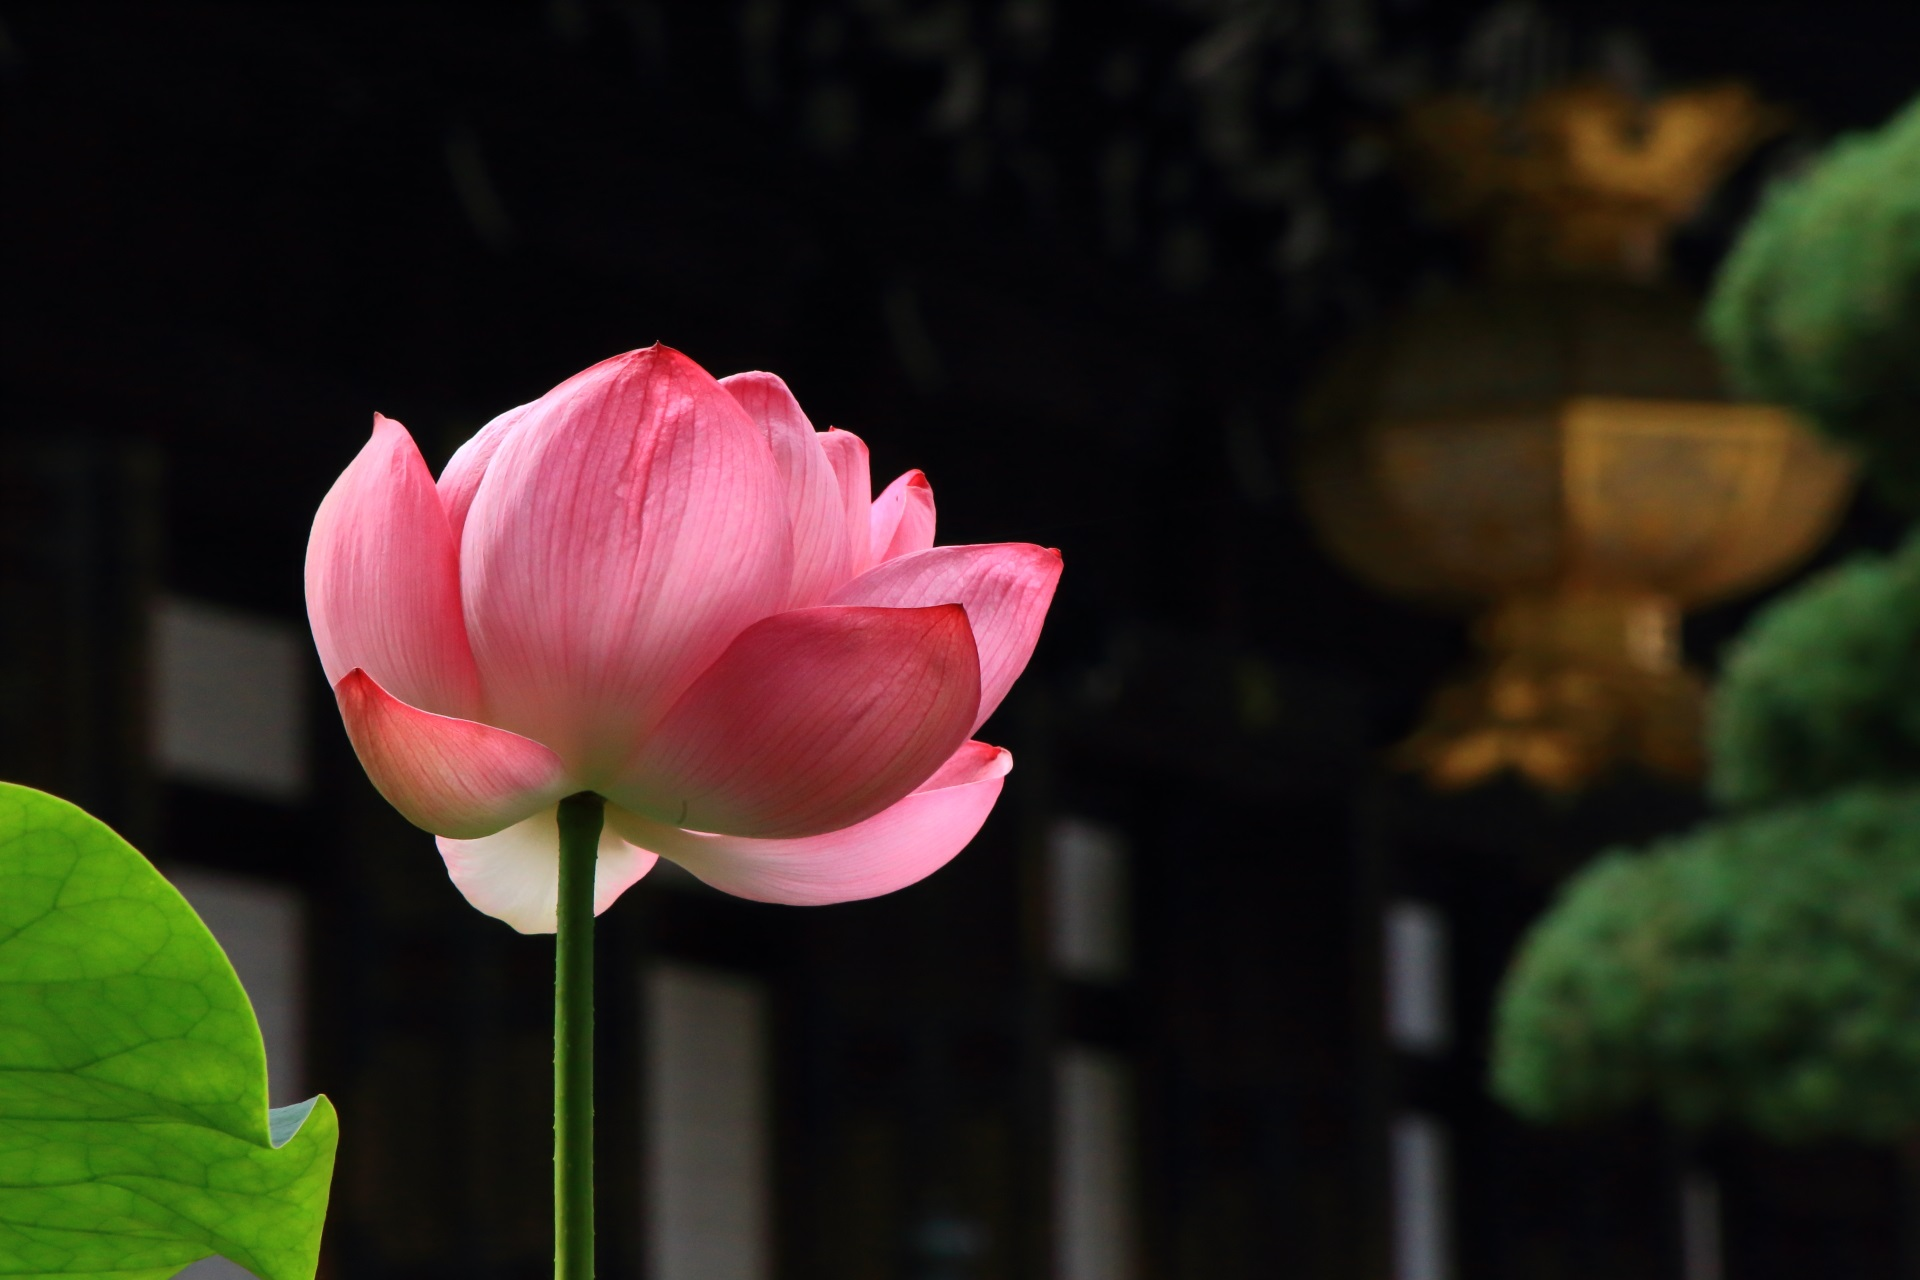 大谷本廟の仏殿や松と良く合うほんのりと光る鮮やかなピンクの蓮の花